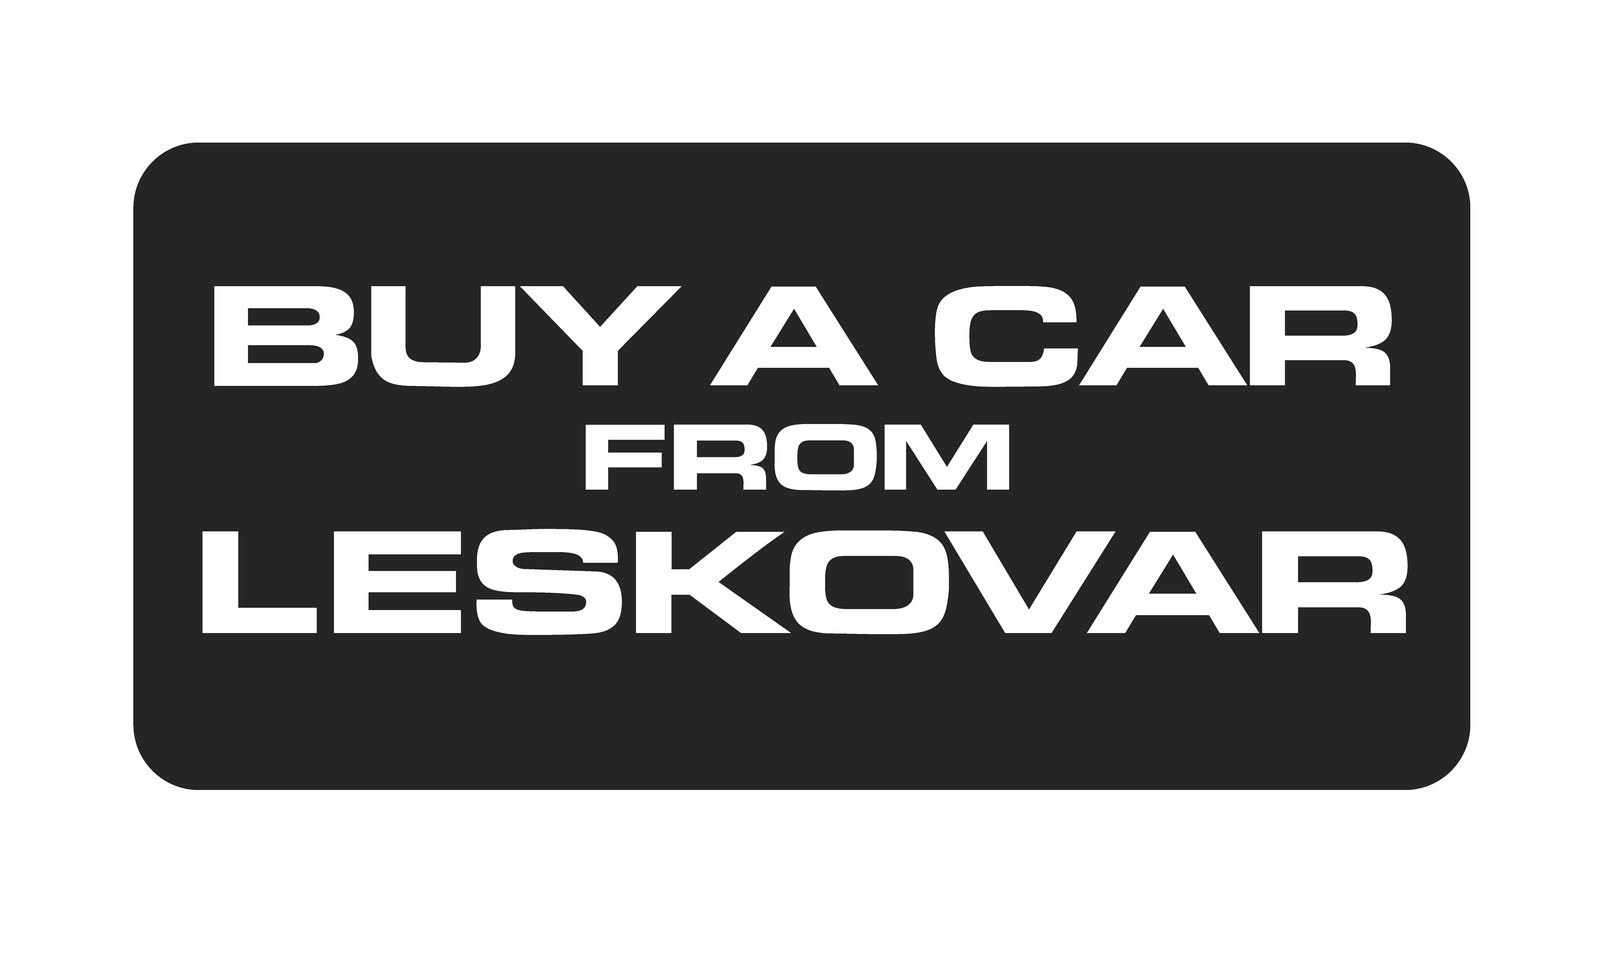 Cheap Cars For Sale in Yakima, WA - CarGurus